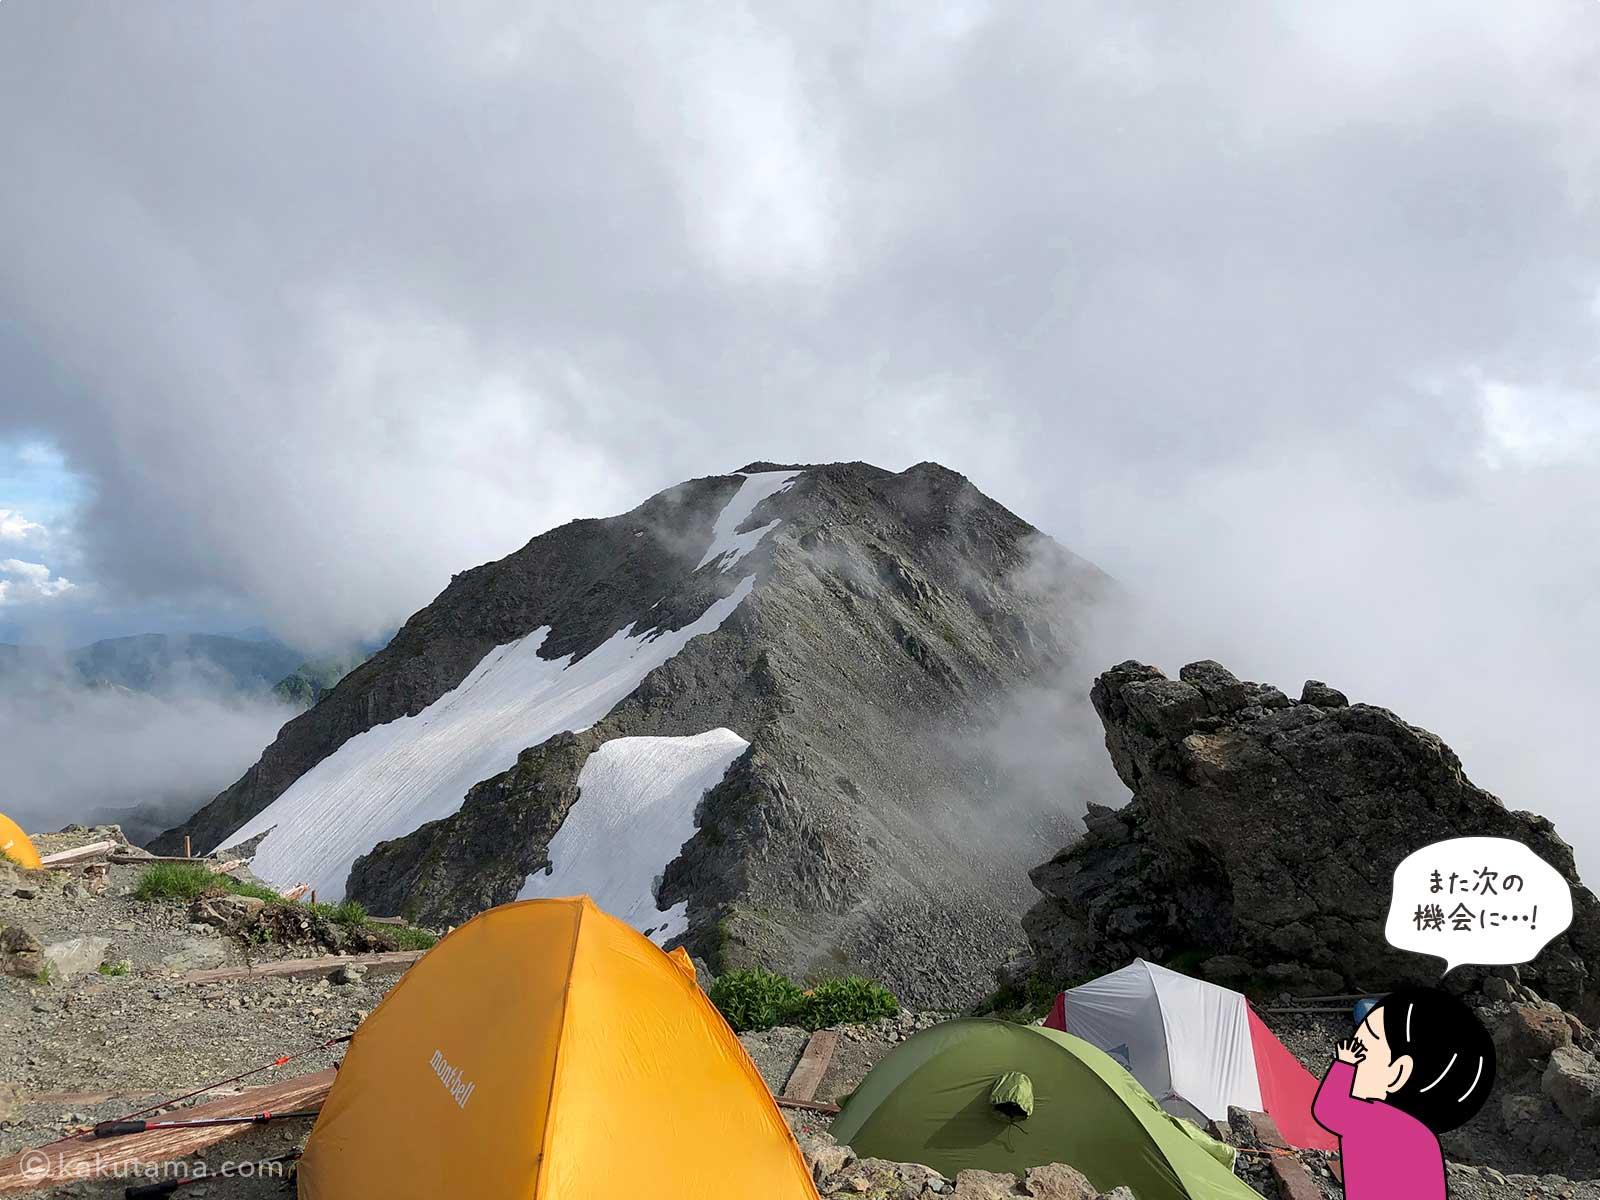 槍ヶ岳山荘テント場から大喰岳を見る